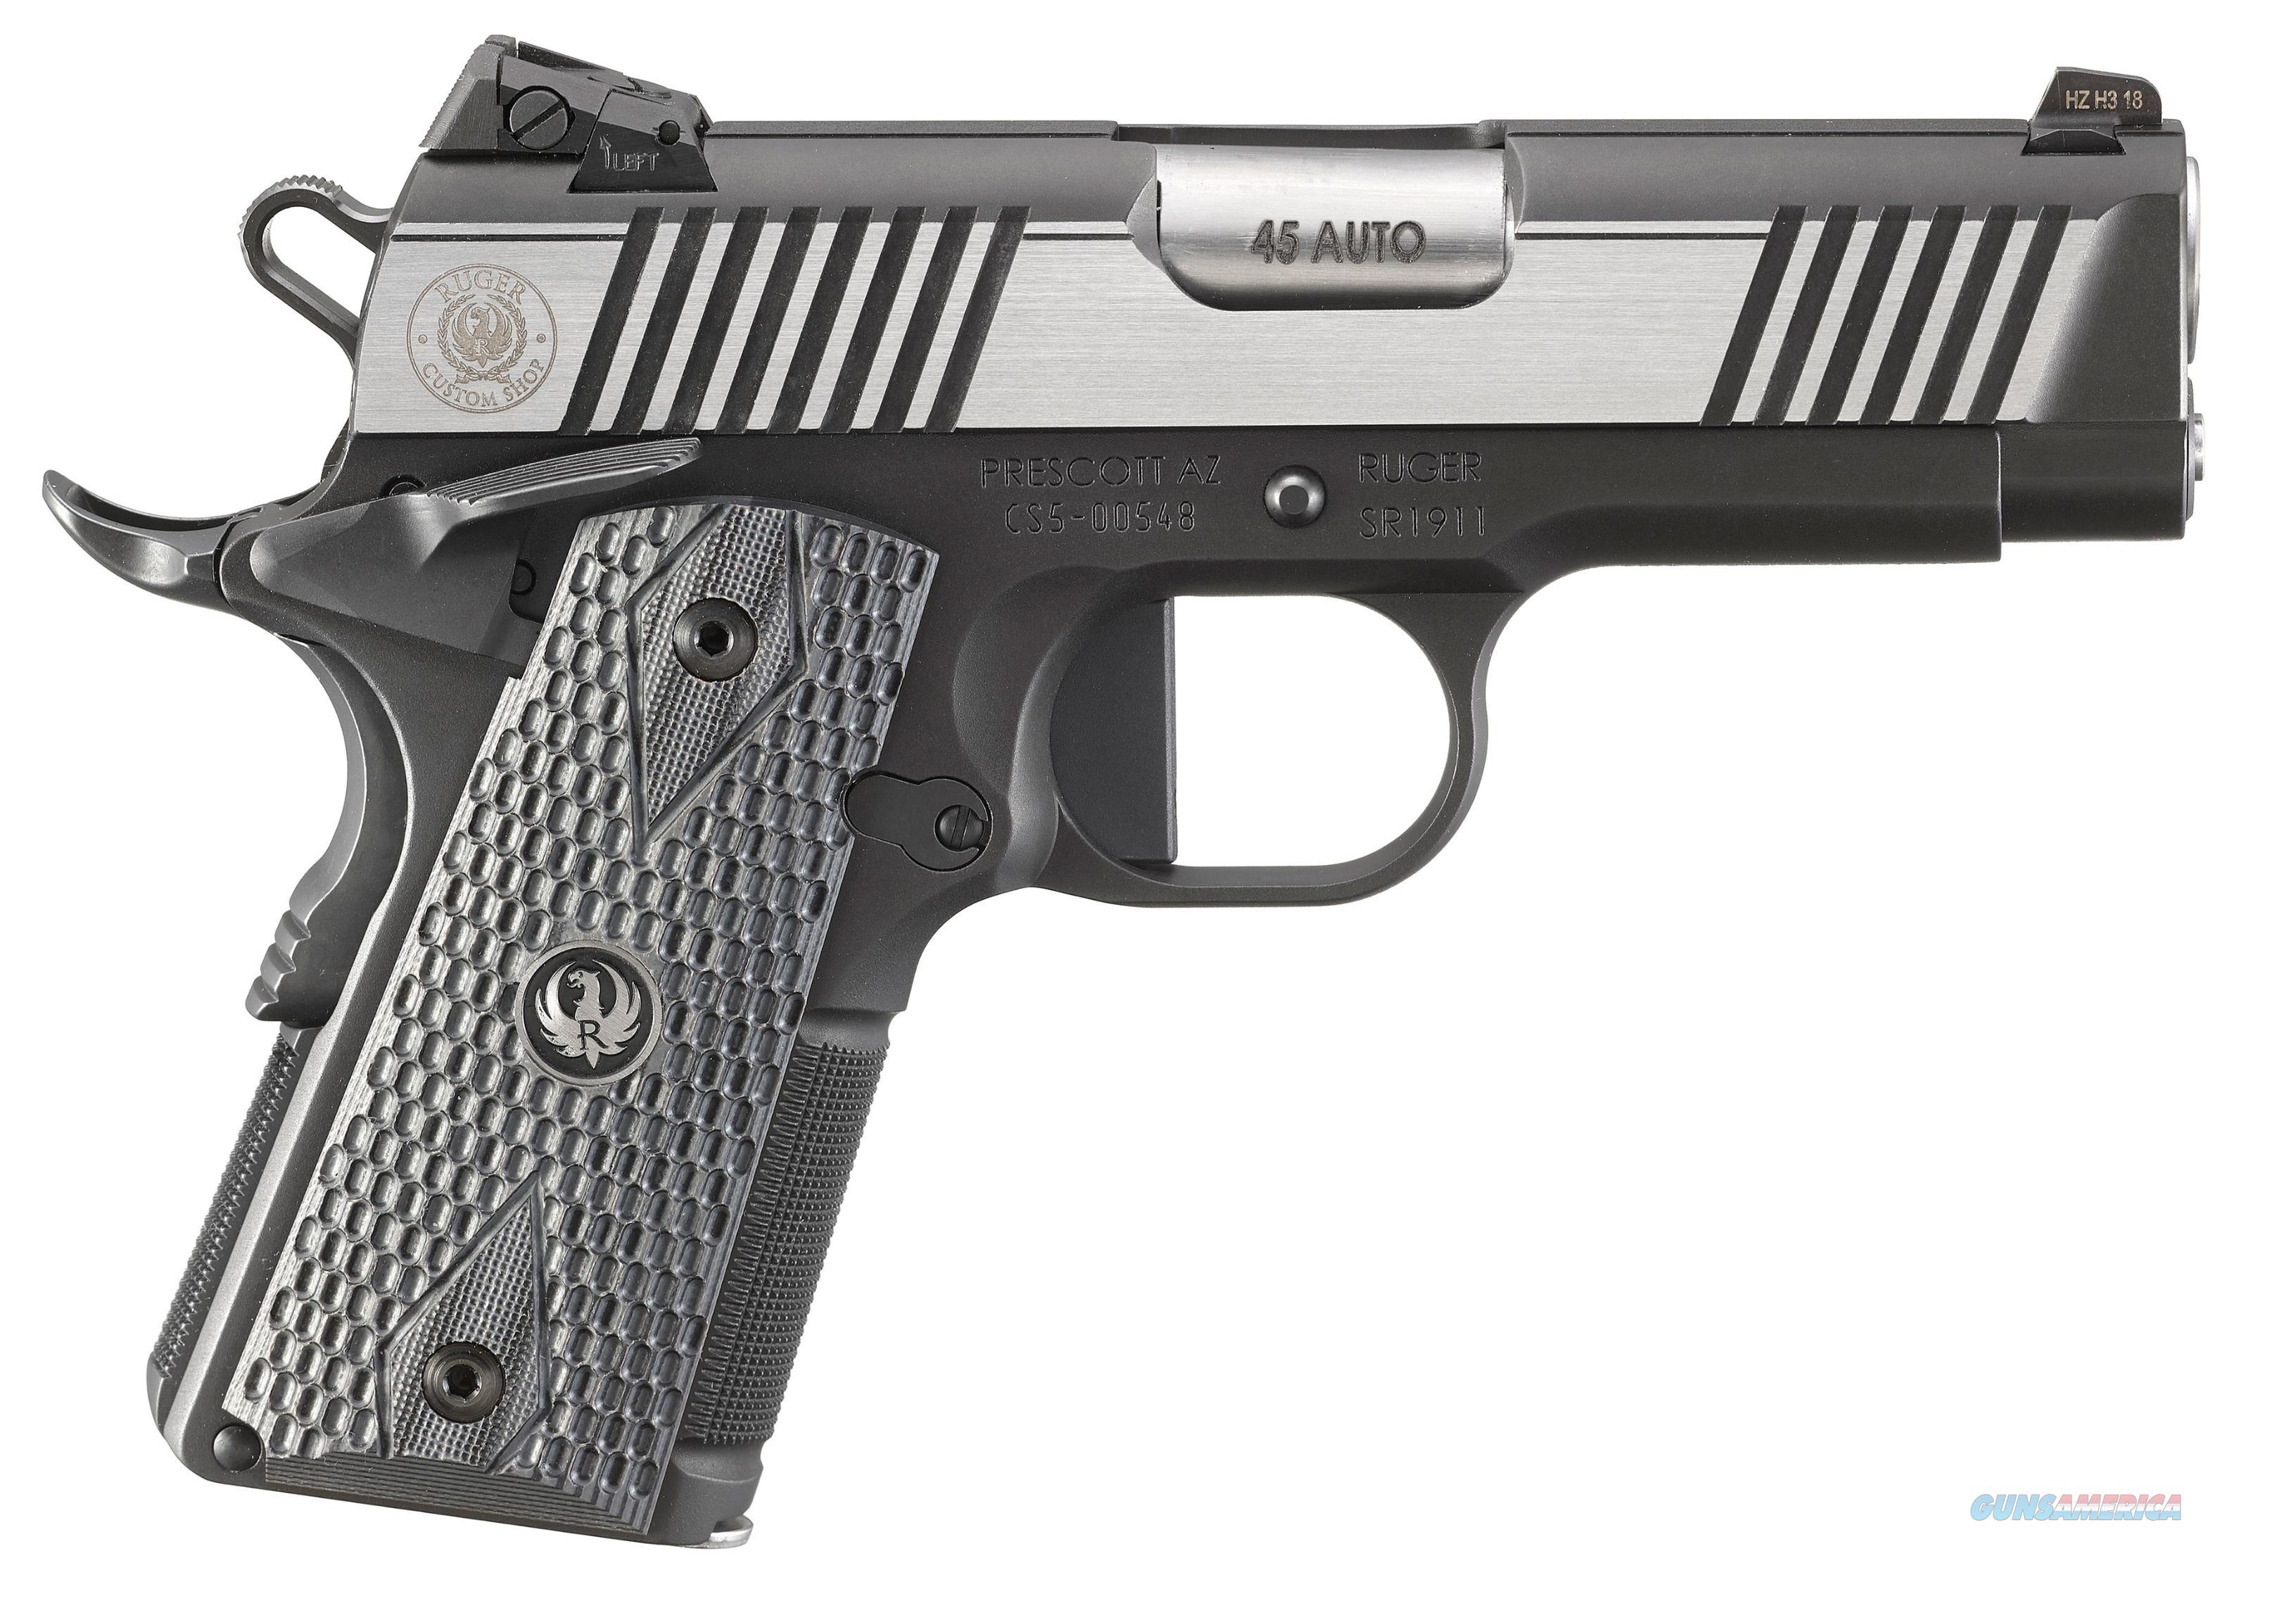 Ruger Sr1911, Rug 6779  Sr1911    45  3.6 Officer 7r  Tns Blk-ss  Guns > Pistols > 1911 Pistol Copies (non-Colt)